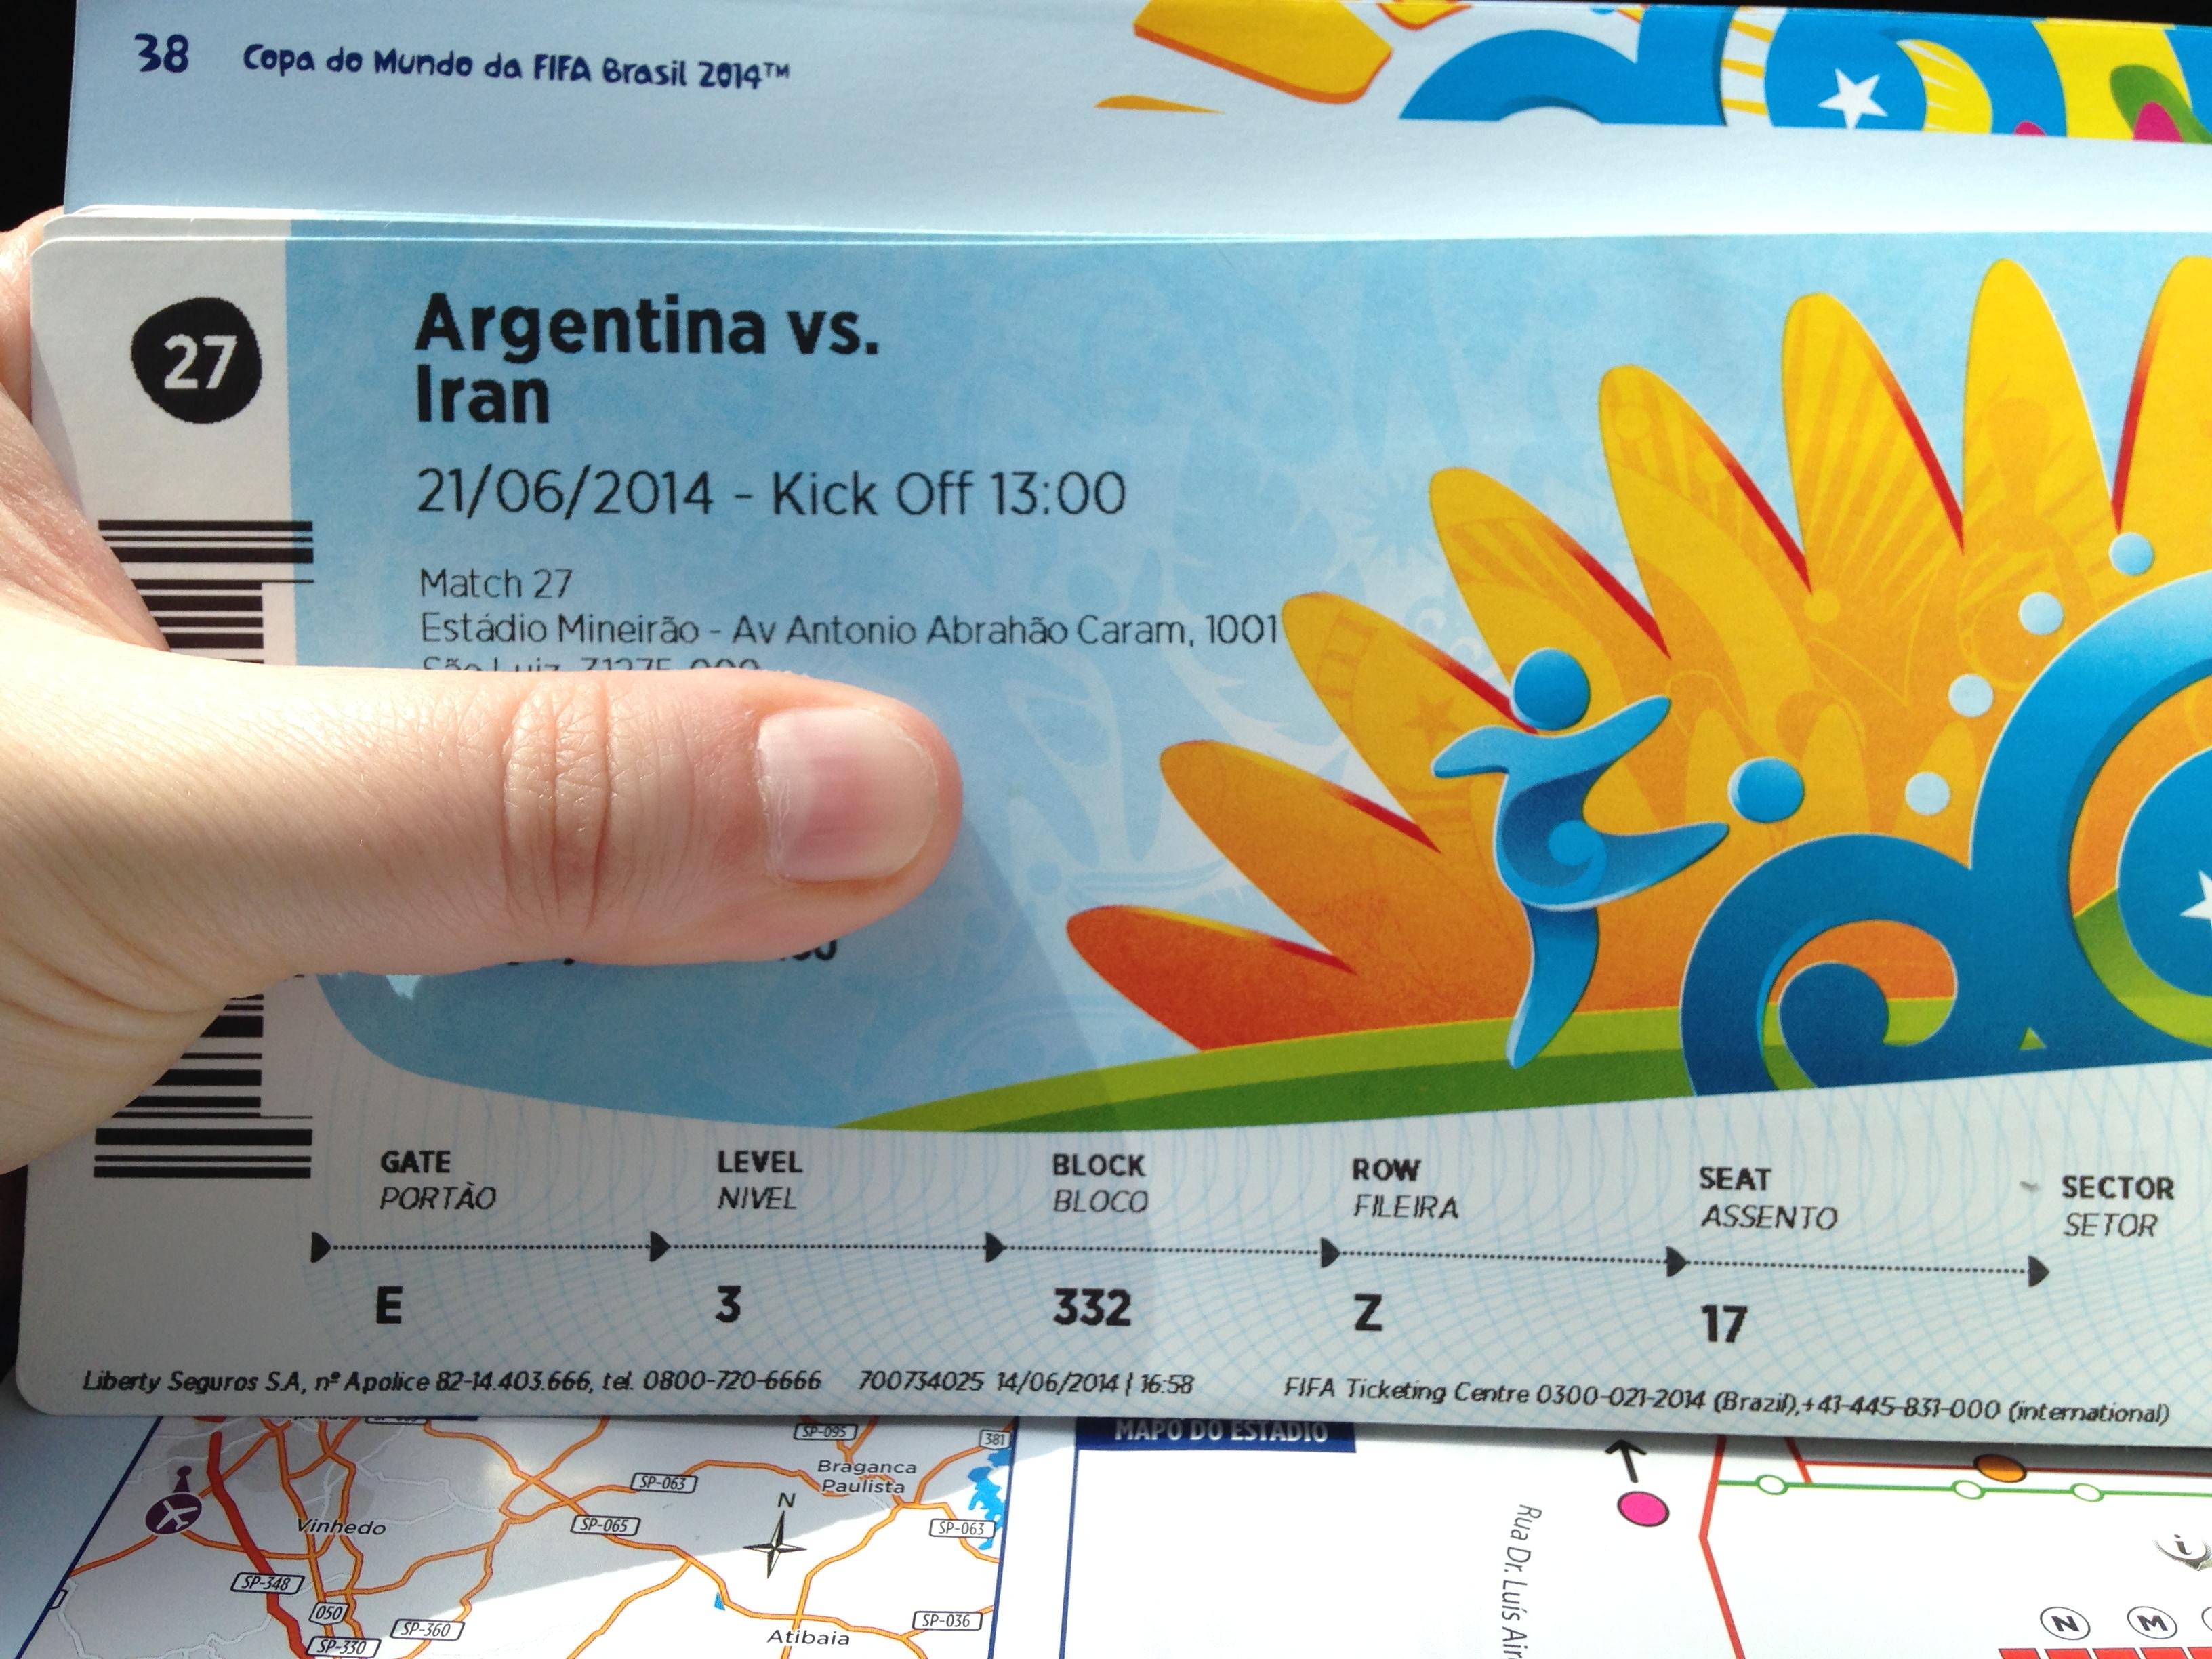 20140614 161641883 ios - Como comprar las entradas para el Mundial FIFA Rusia 2018